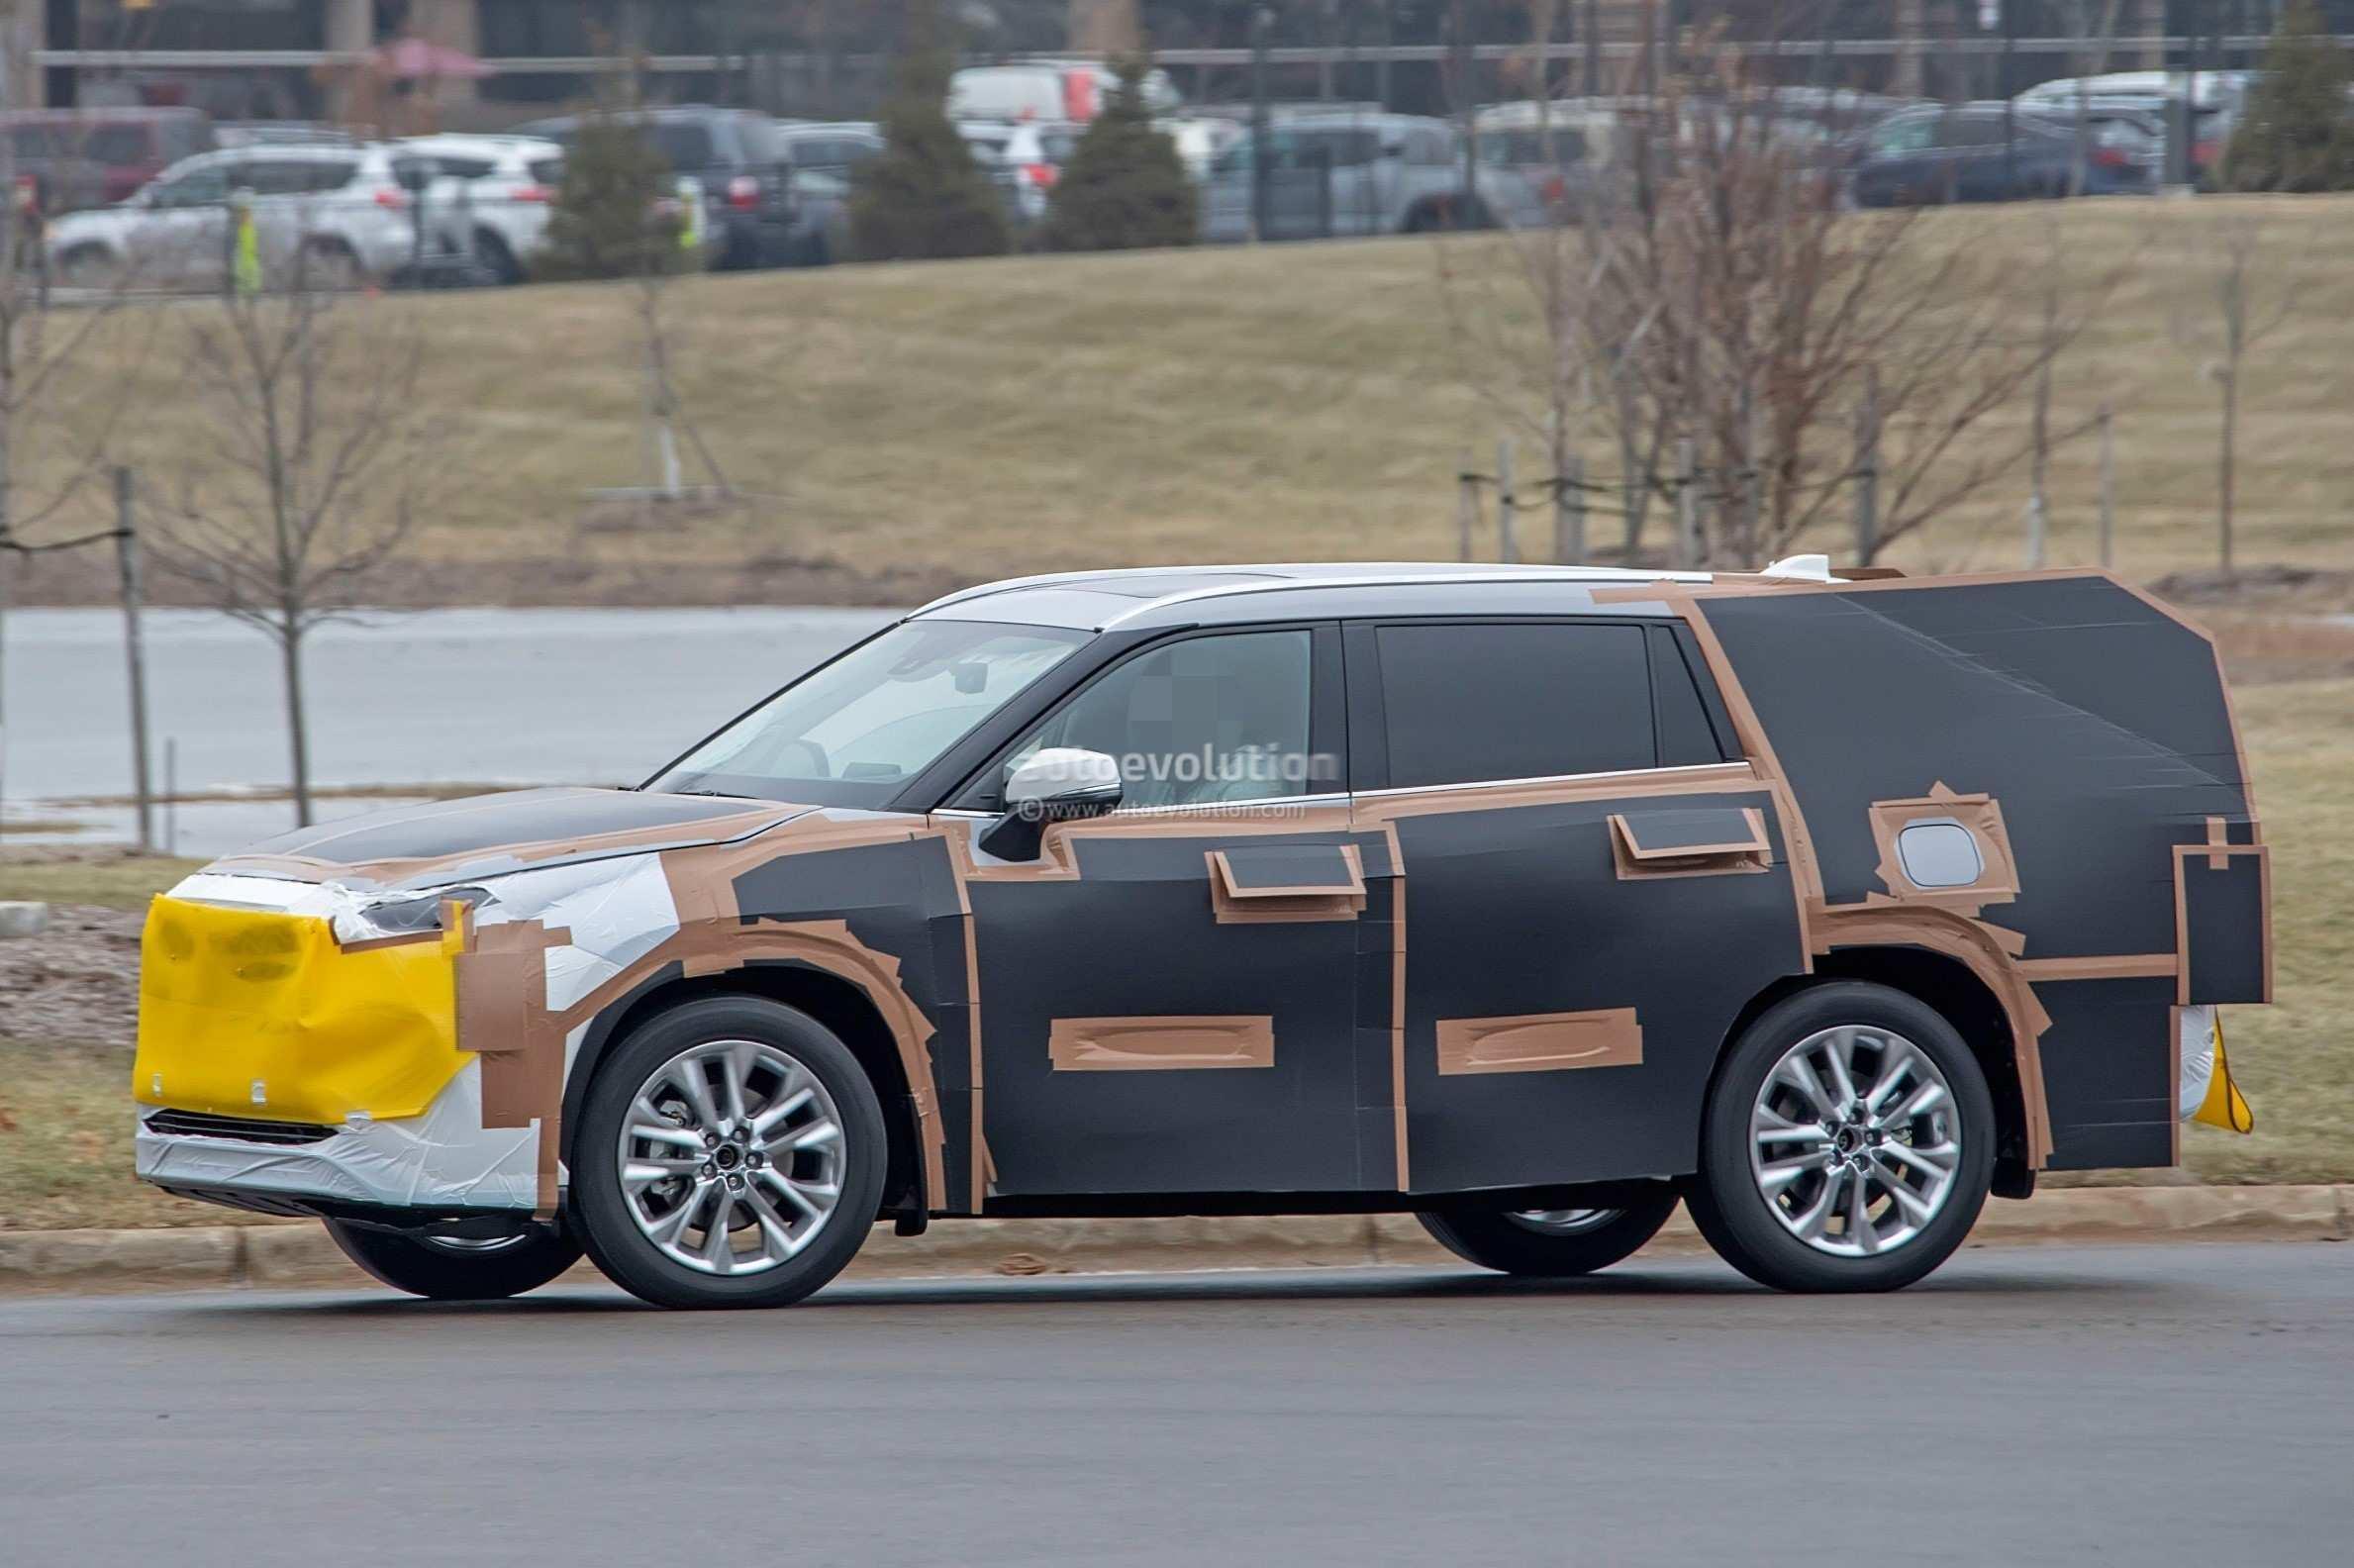 43 All New 2020 Toyota Highlander Rumors for 2020 Toyota Highlander